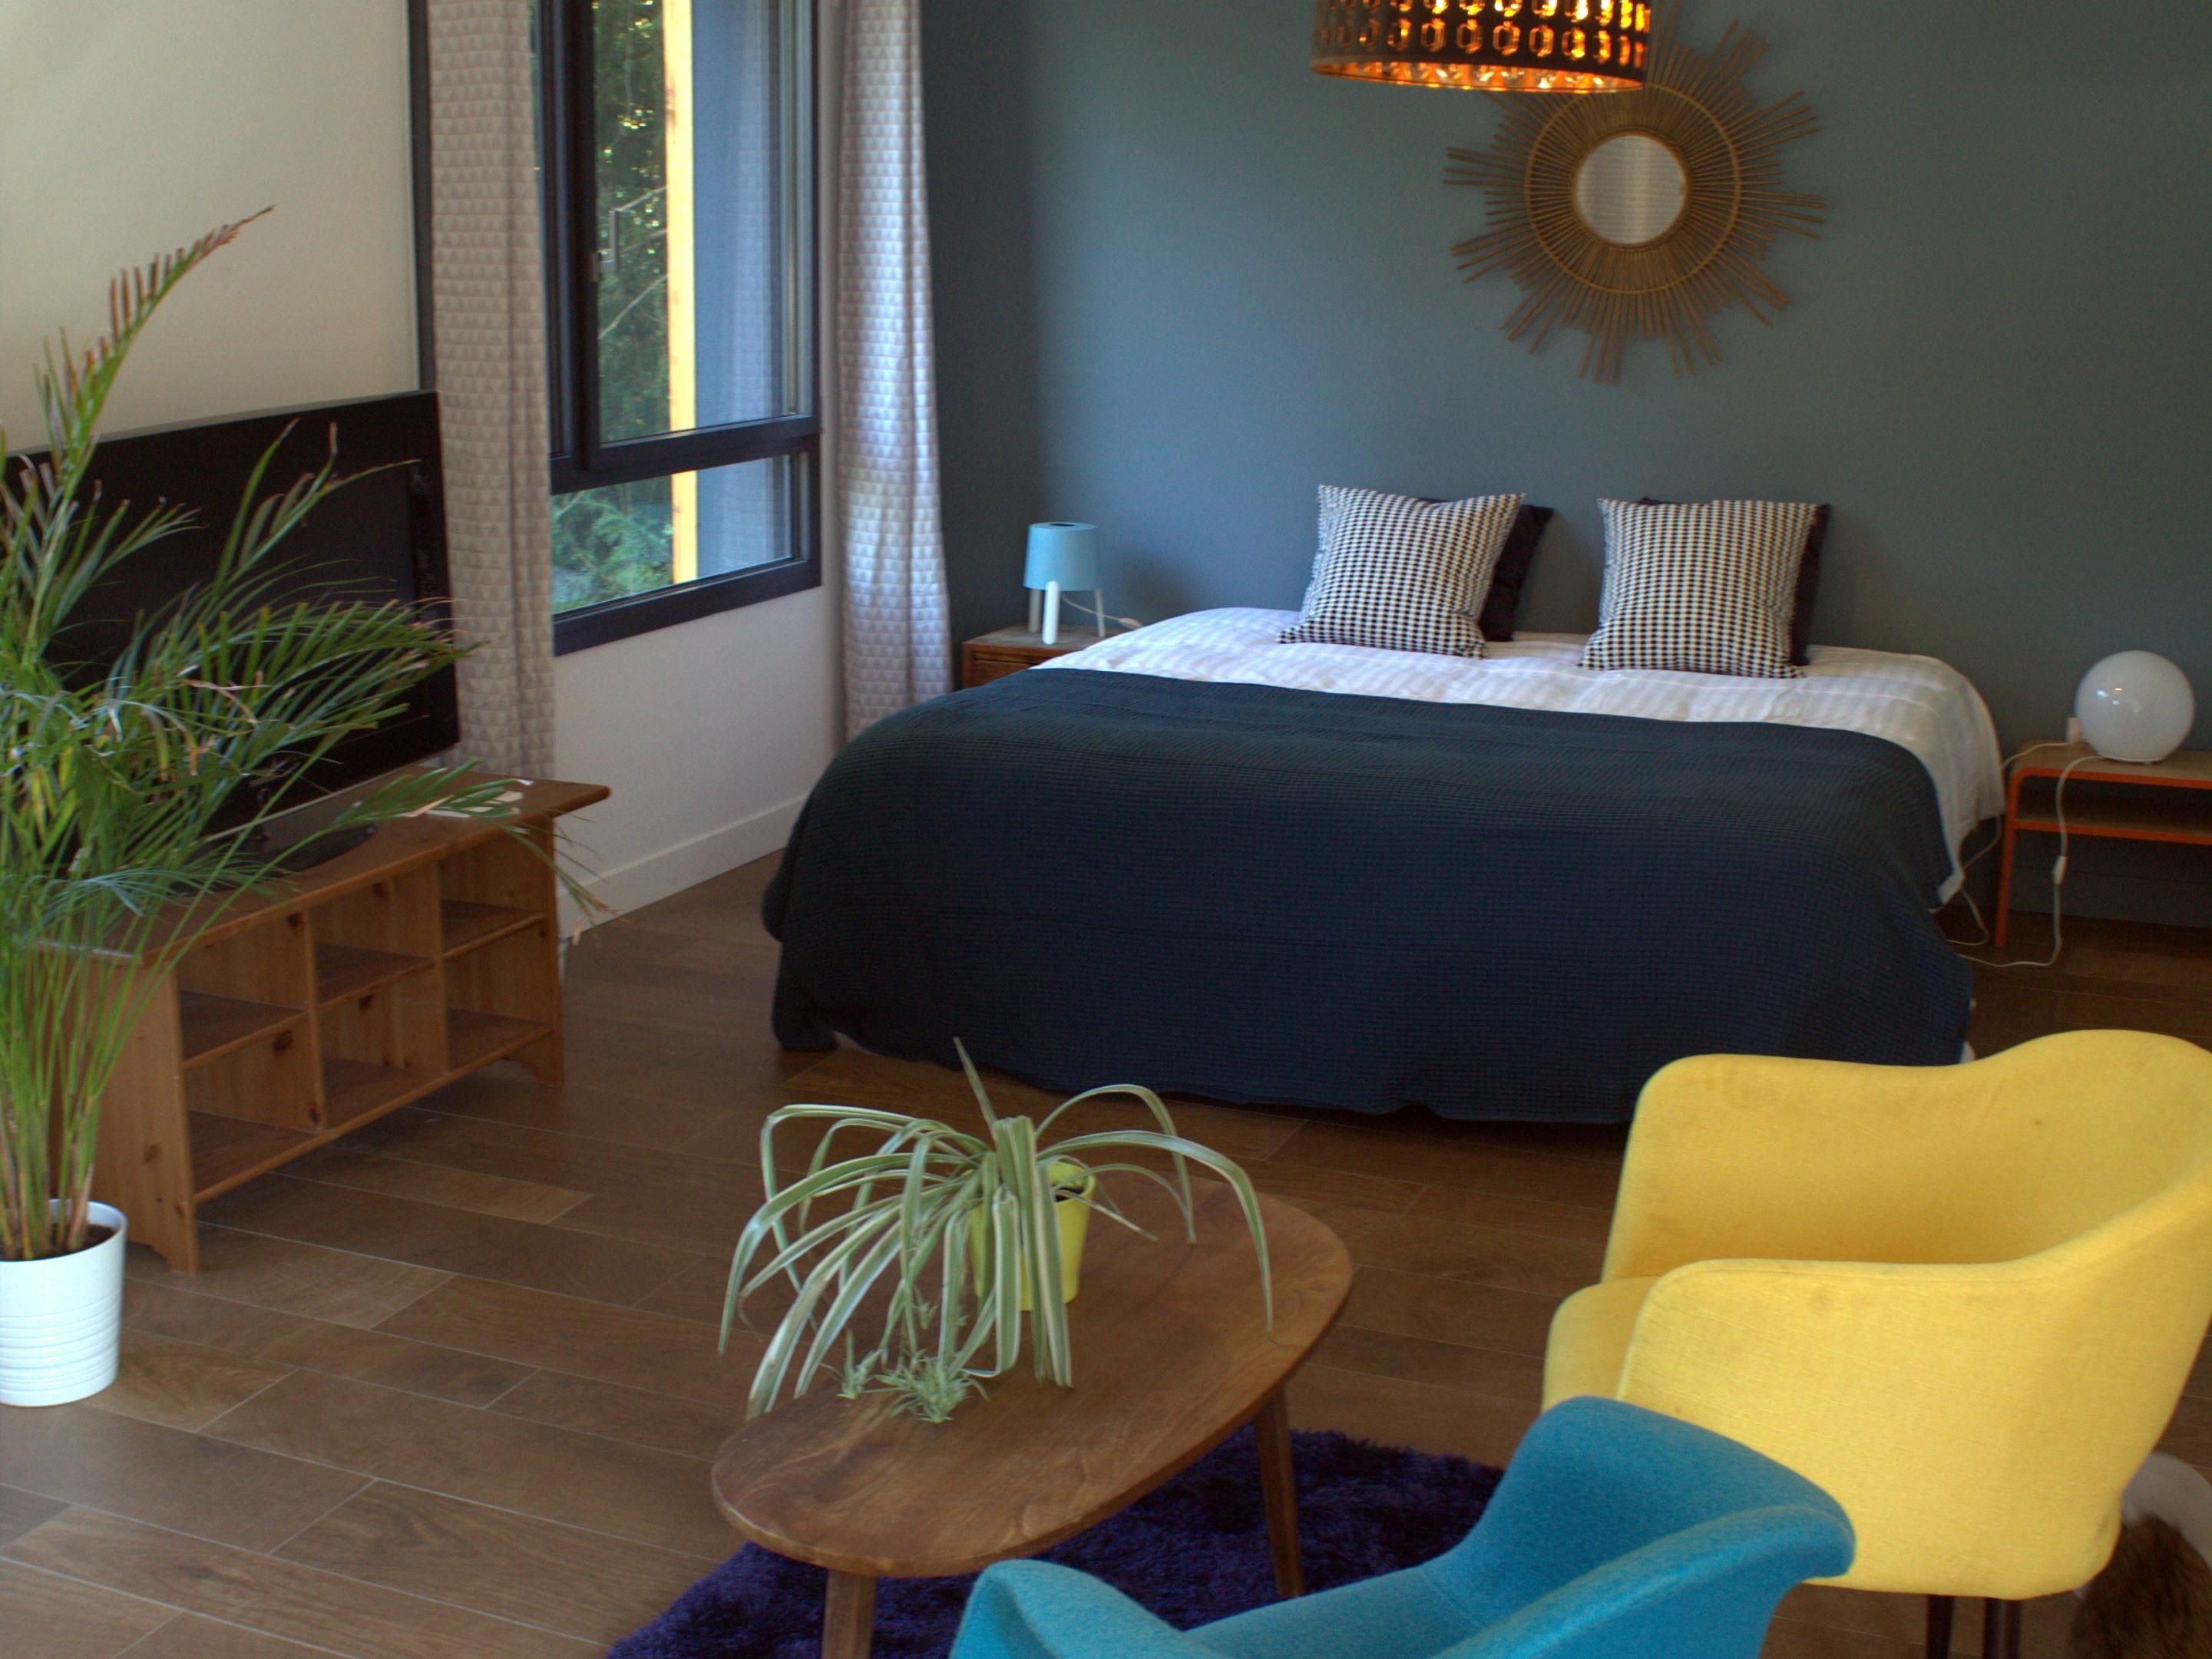 Suite-Premium-Salle de bain Privée-Vue sur Piscine-Accès Terrasse